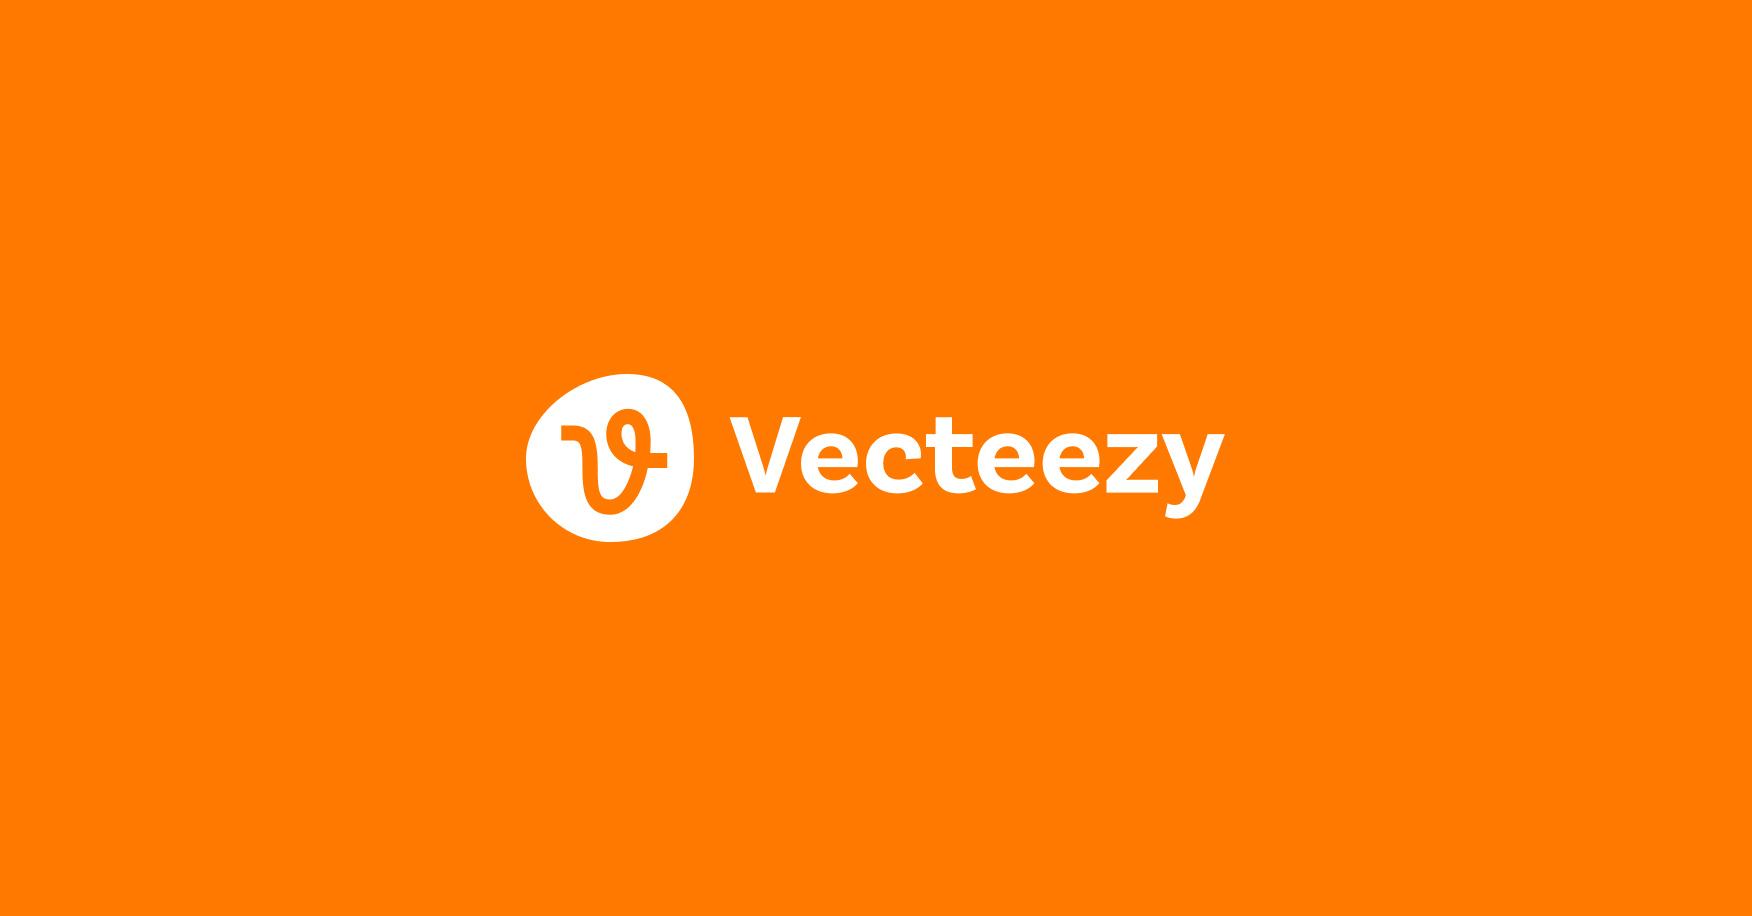 www.vecteezy.com